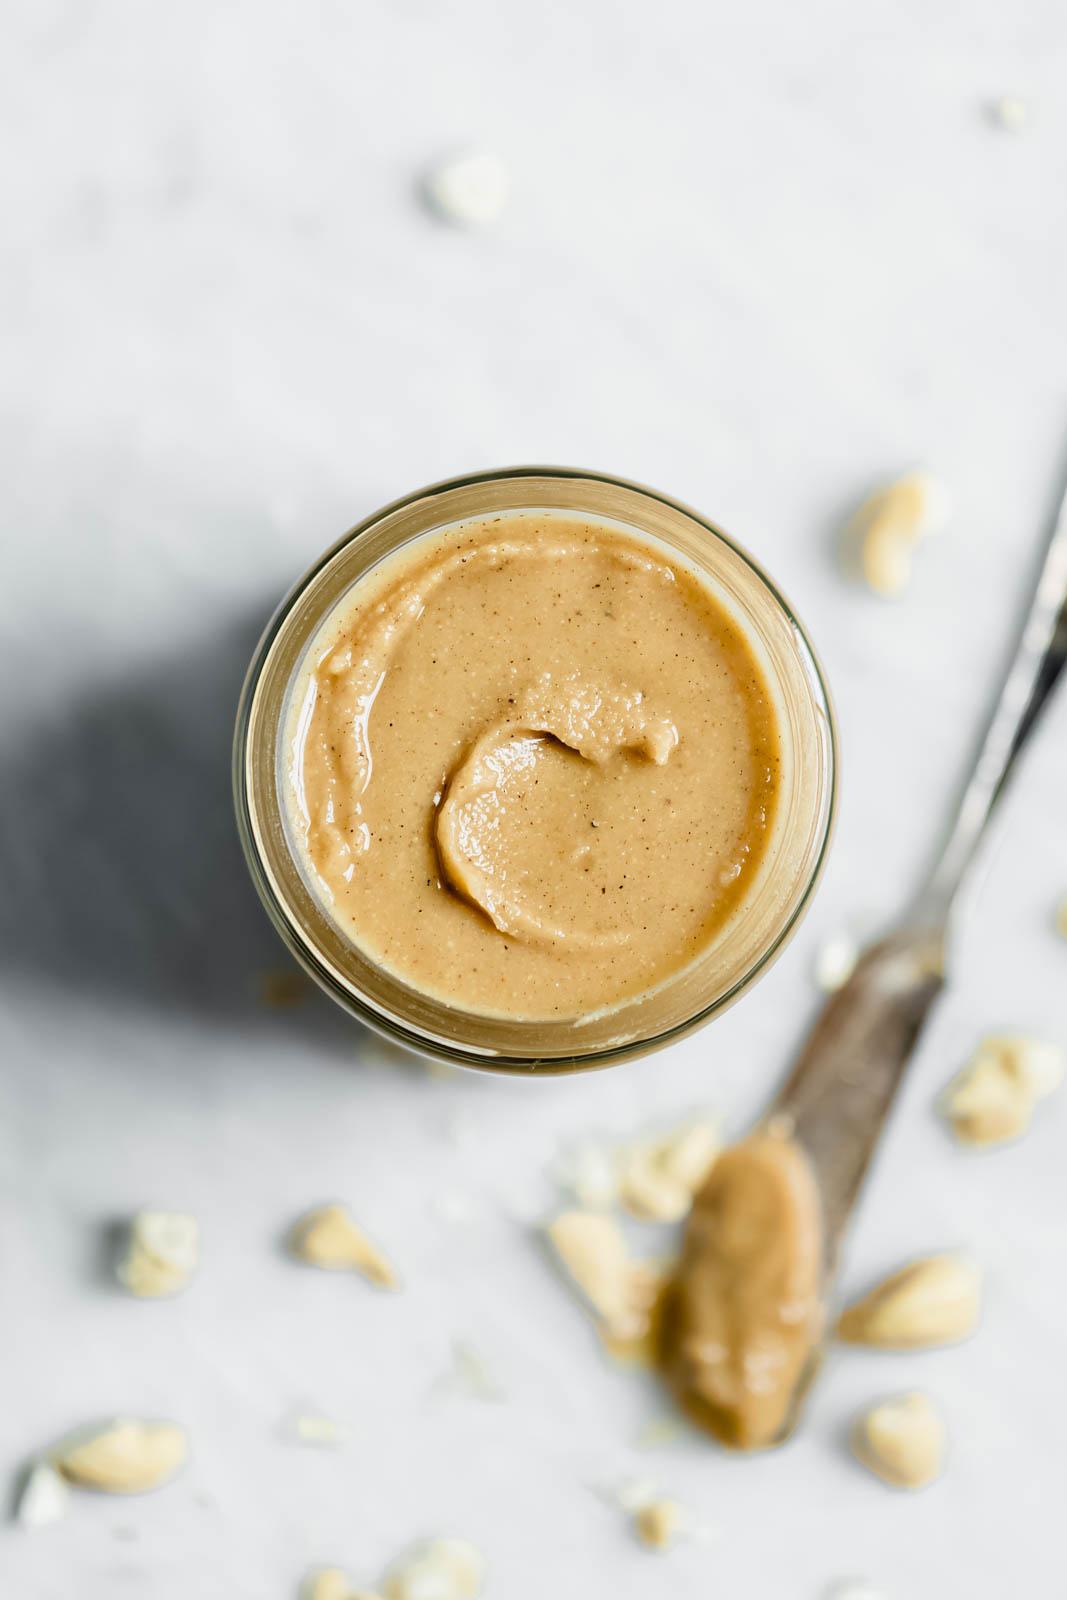 Vanilla Cardamom Cashew Butter in jar